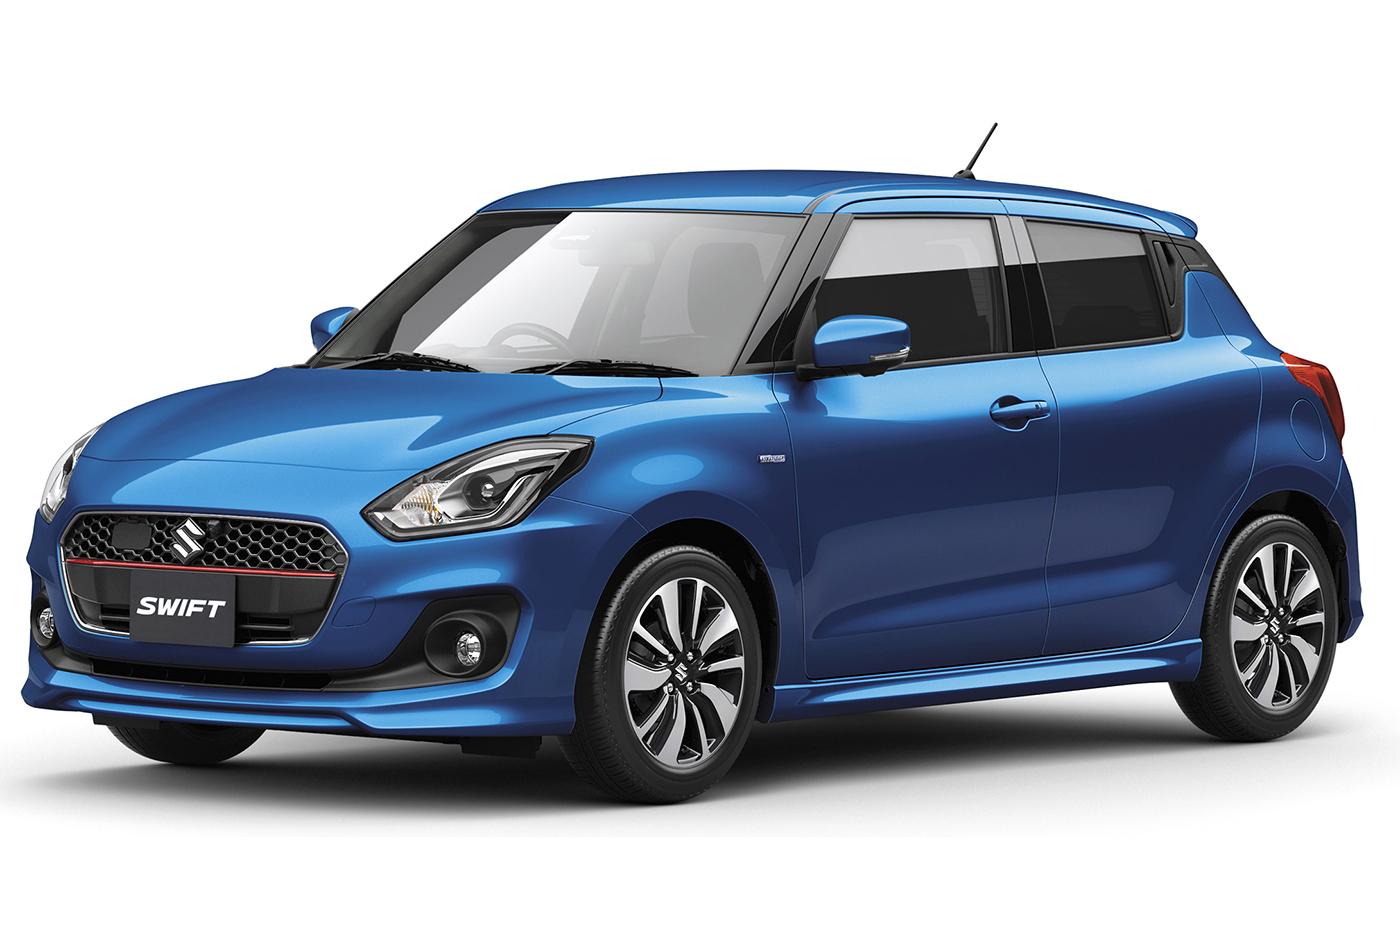 Ra mắt Suzuki Swift thế hệ mới 1